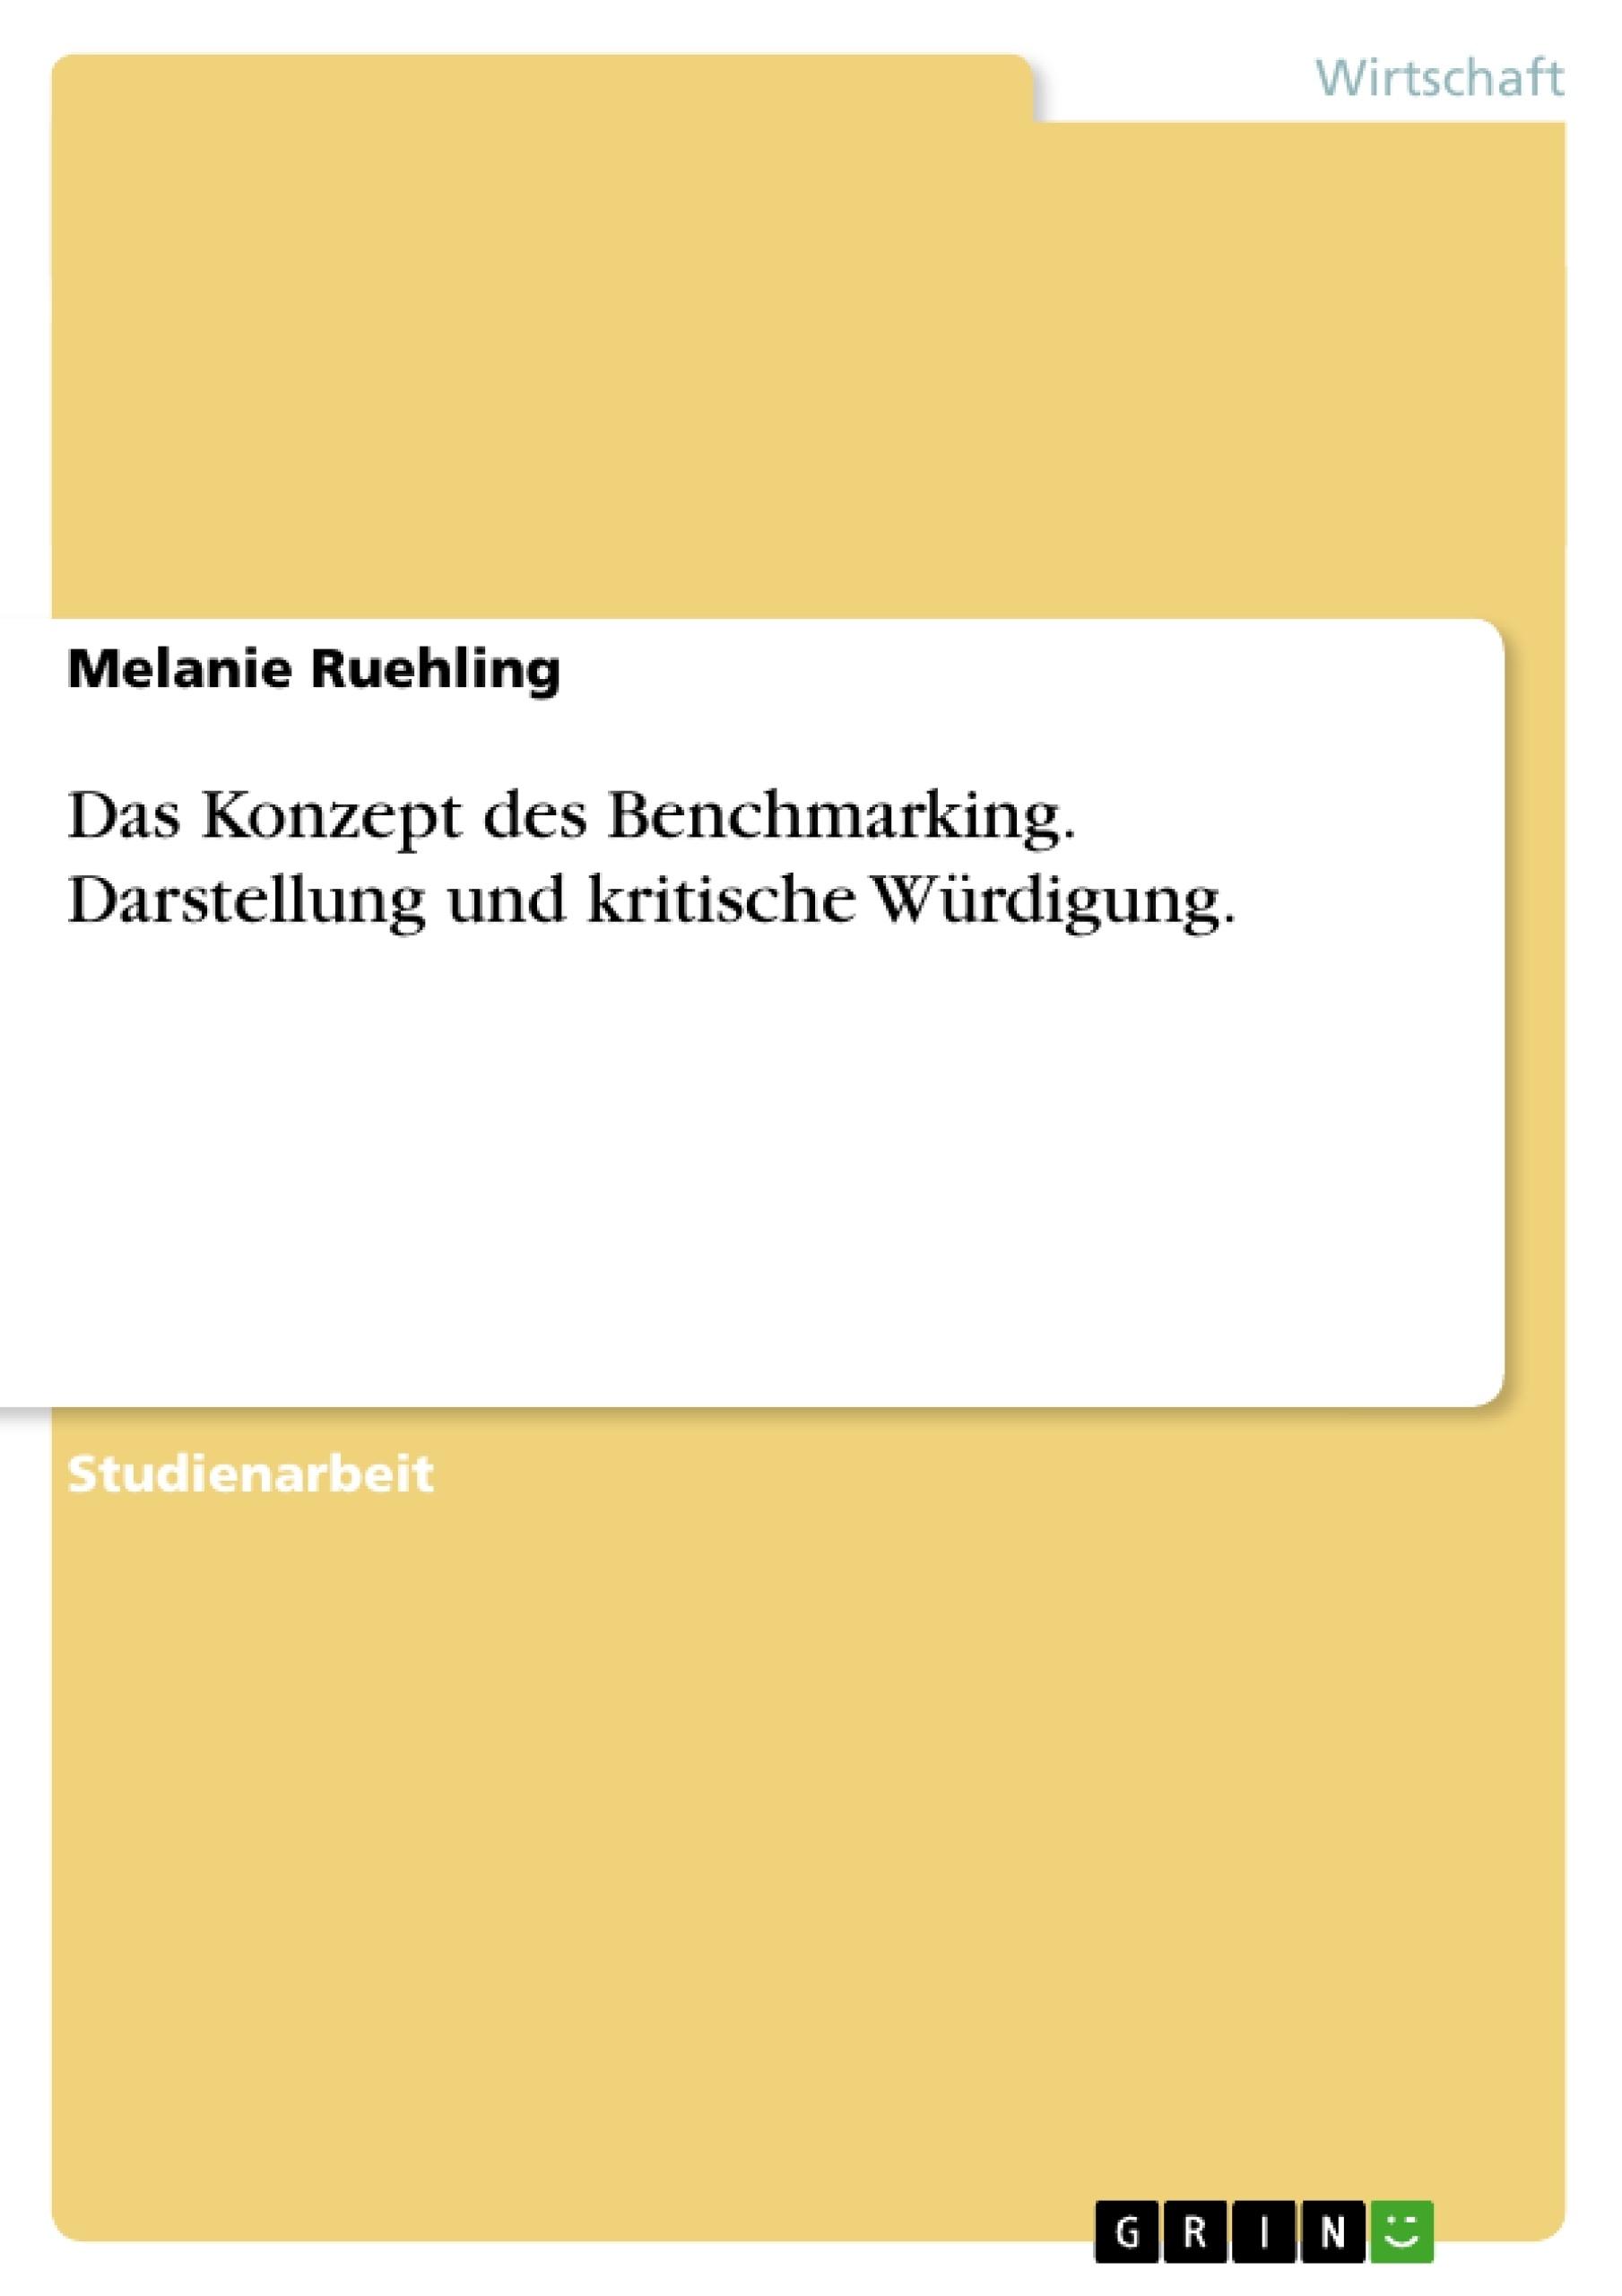 Titel: Das Konzept des Benchmarking. Darstellung und kritische Würdigung.